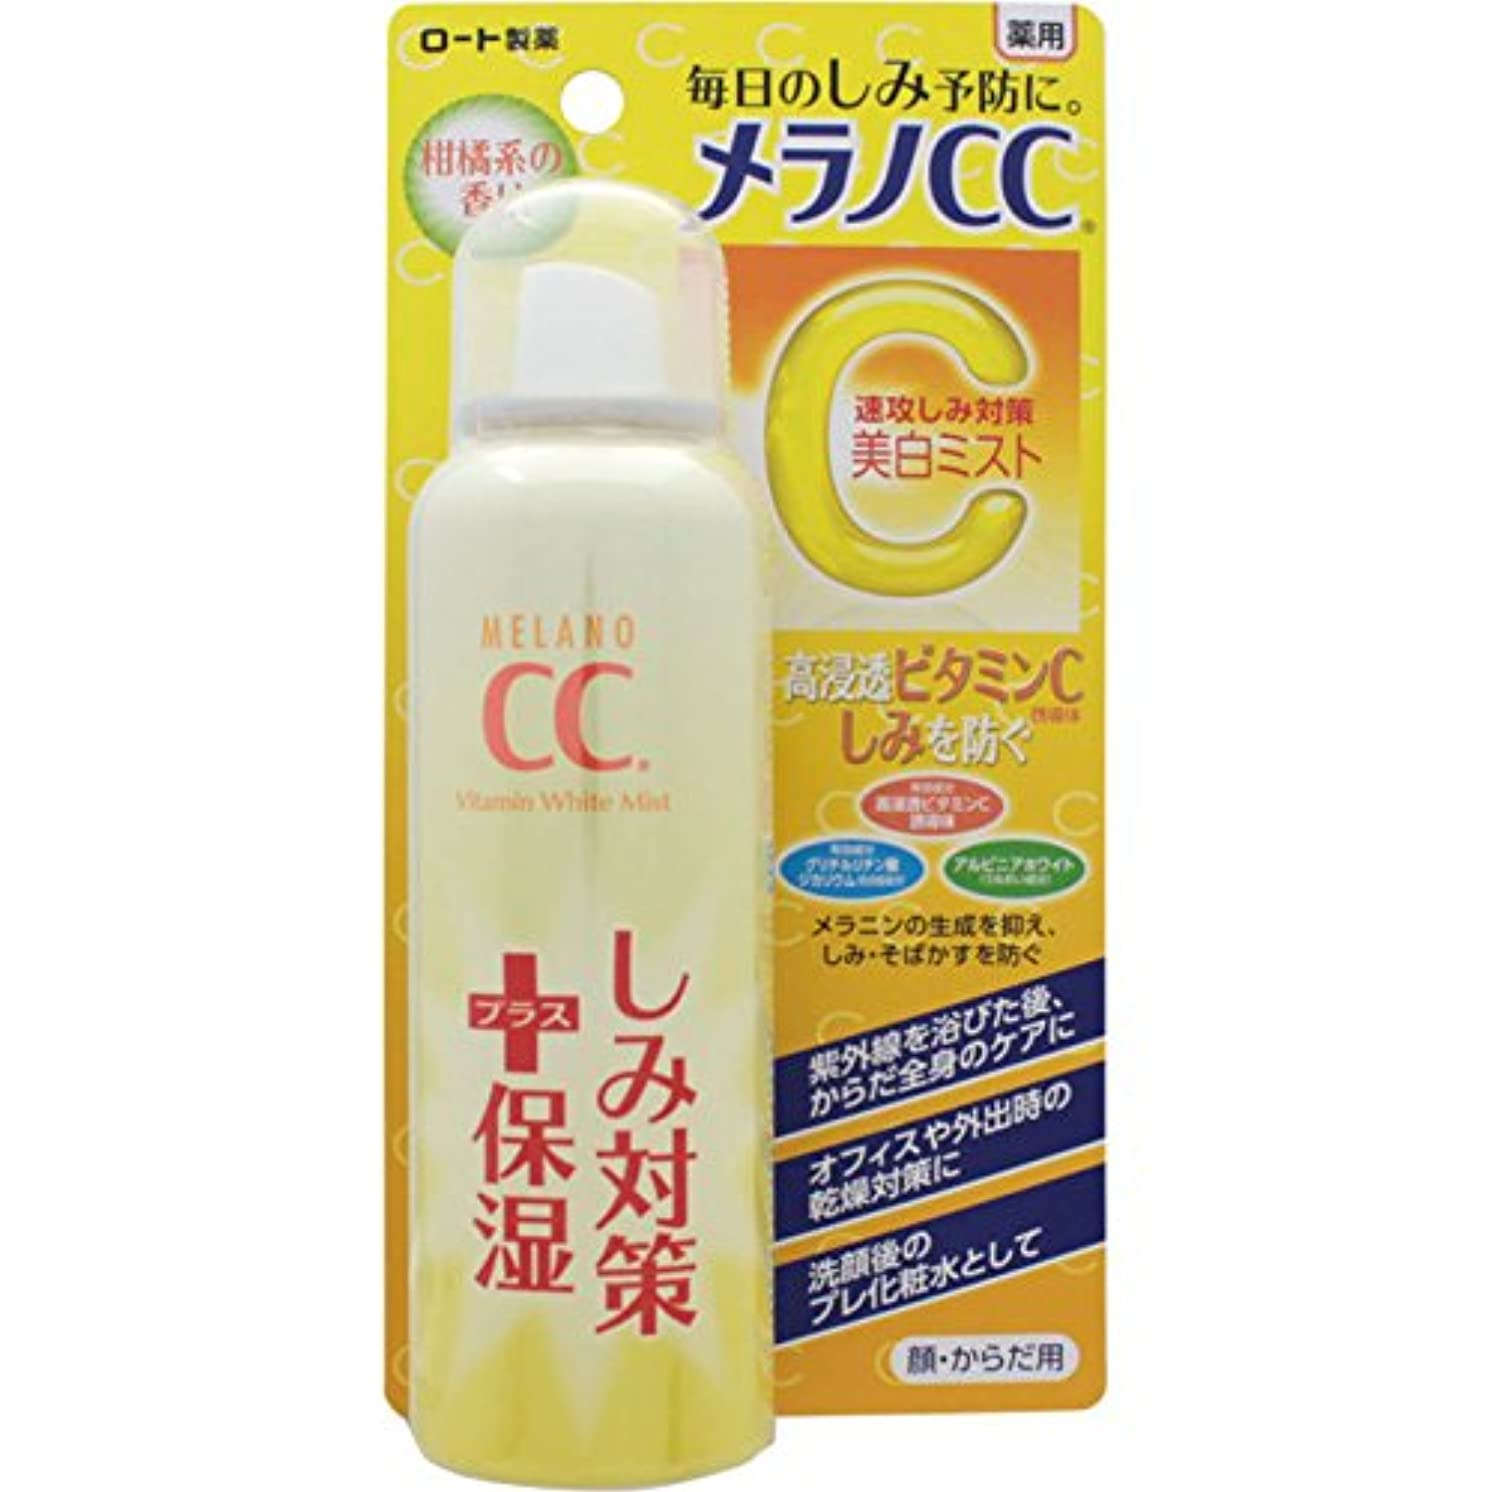 政令危機強制【医薬部外品】メラノCC 薬用しみ対策 美白ミスト化粧水 100g